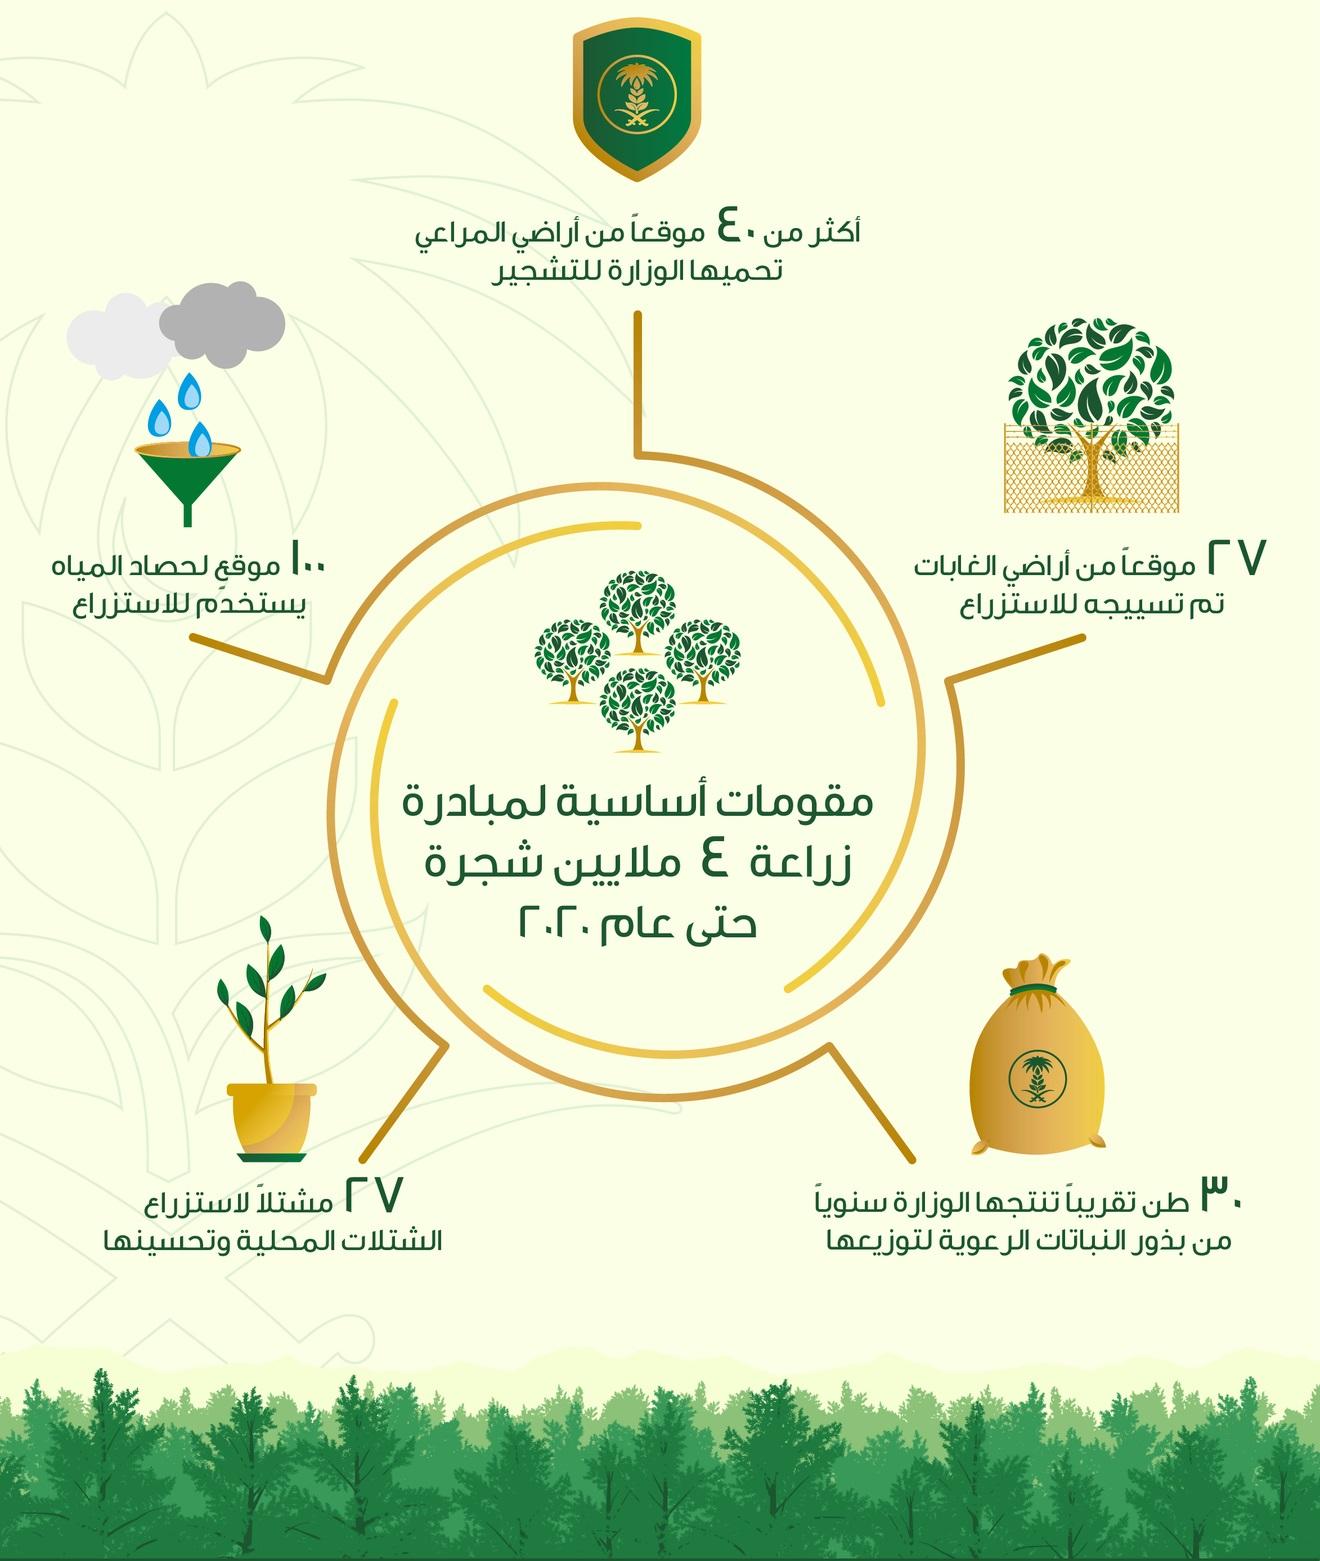 زراعة 4 ملايين شجرة حتى عام 2020